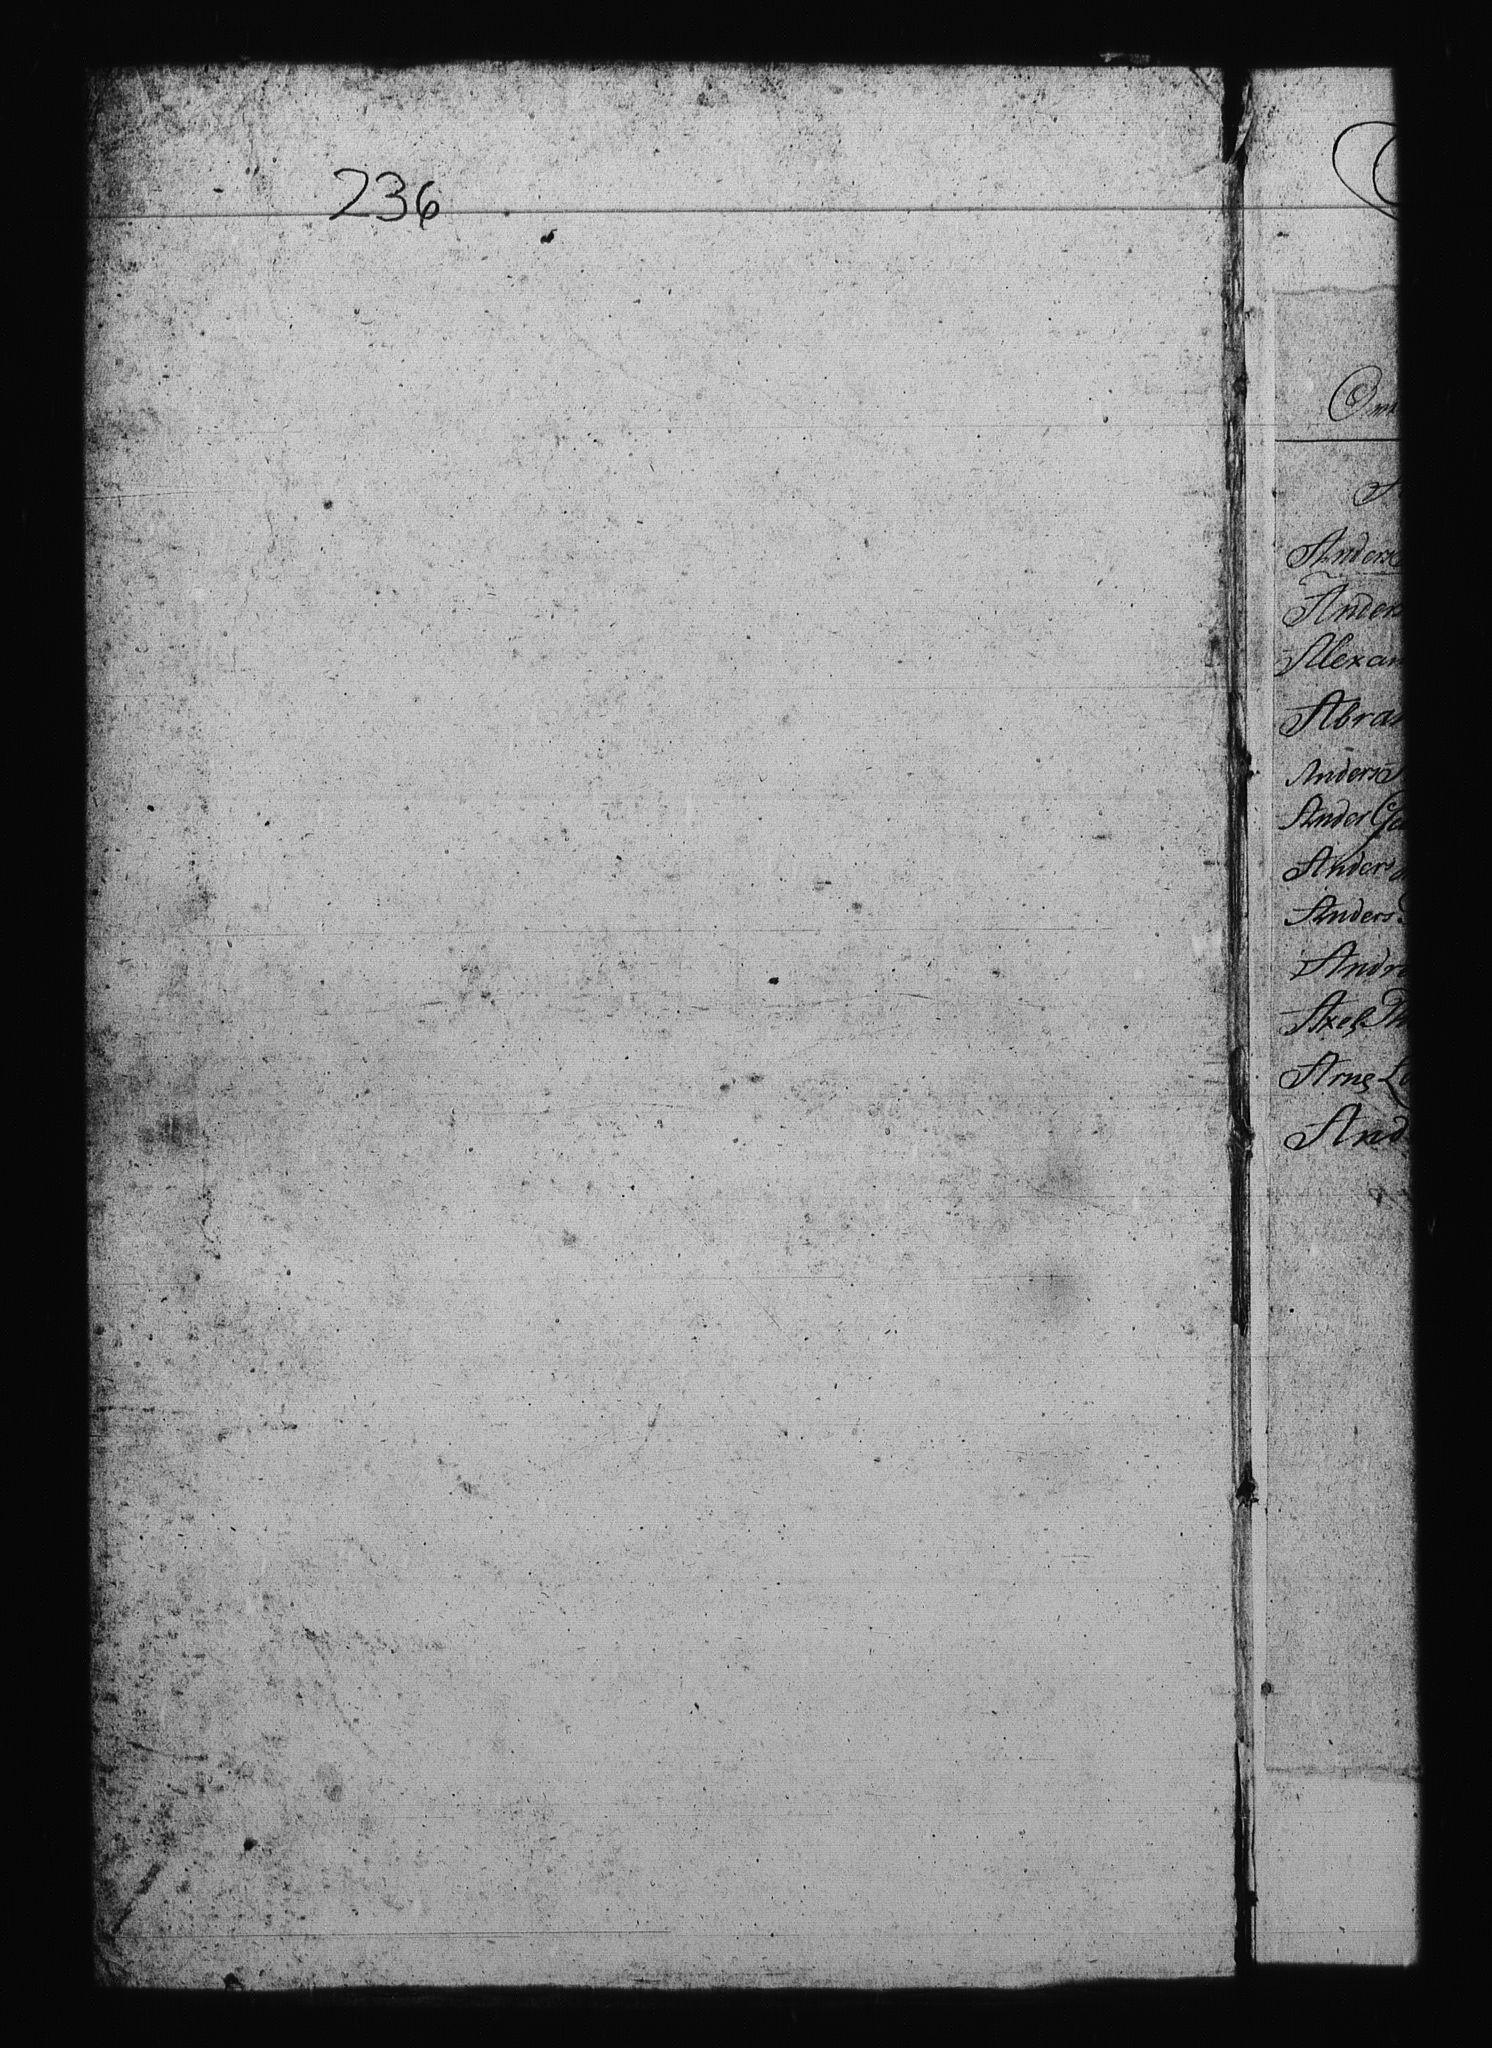 RA, Sjøetaten, F/L0237: Bergen distrikt, bind 5, 1801